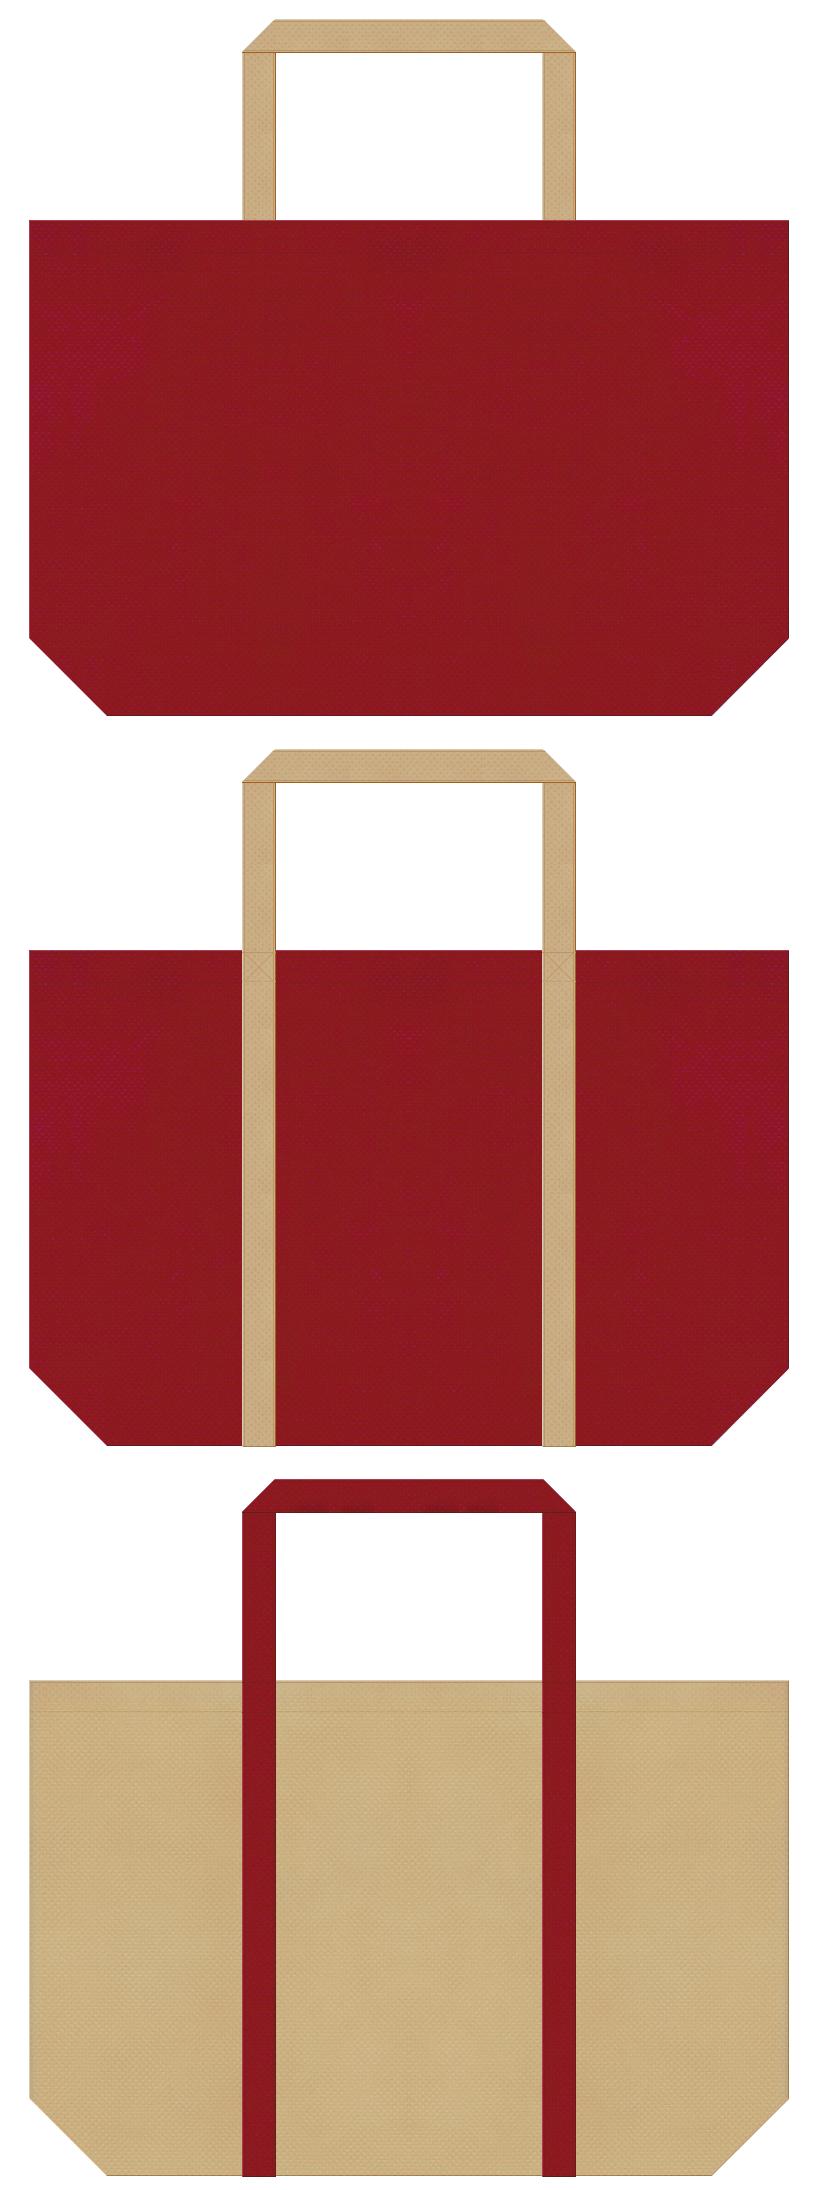 伝統芸能・伝統工芸・和風演出・和風ディスプレイ・和風催事・カジュアル衣料のショッピングバッグ・福袋にお奨め:エンジ色とカーキ色の不織布ショッピングバッグのデザイン